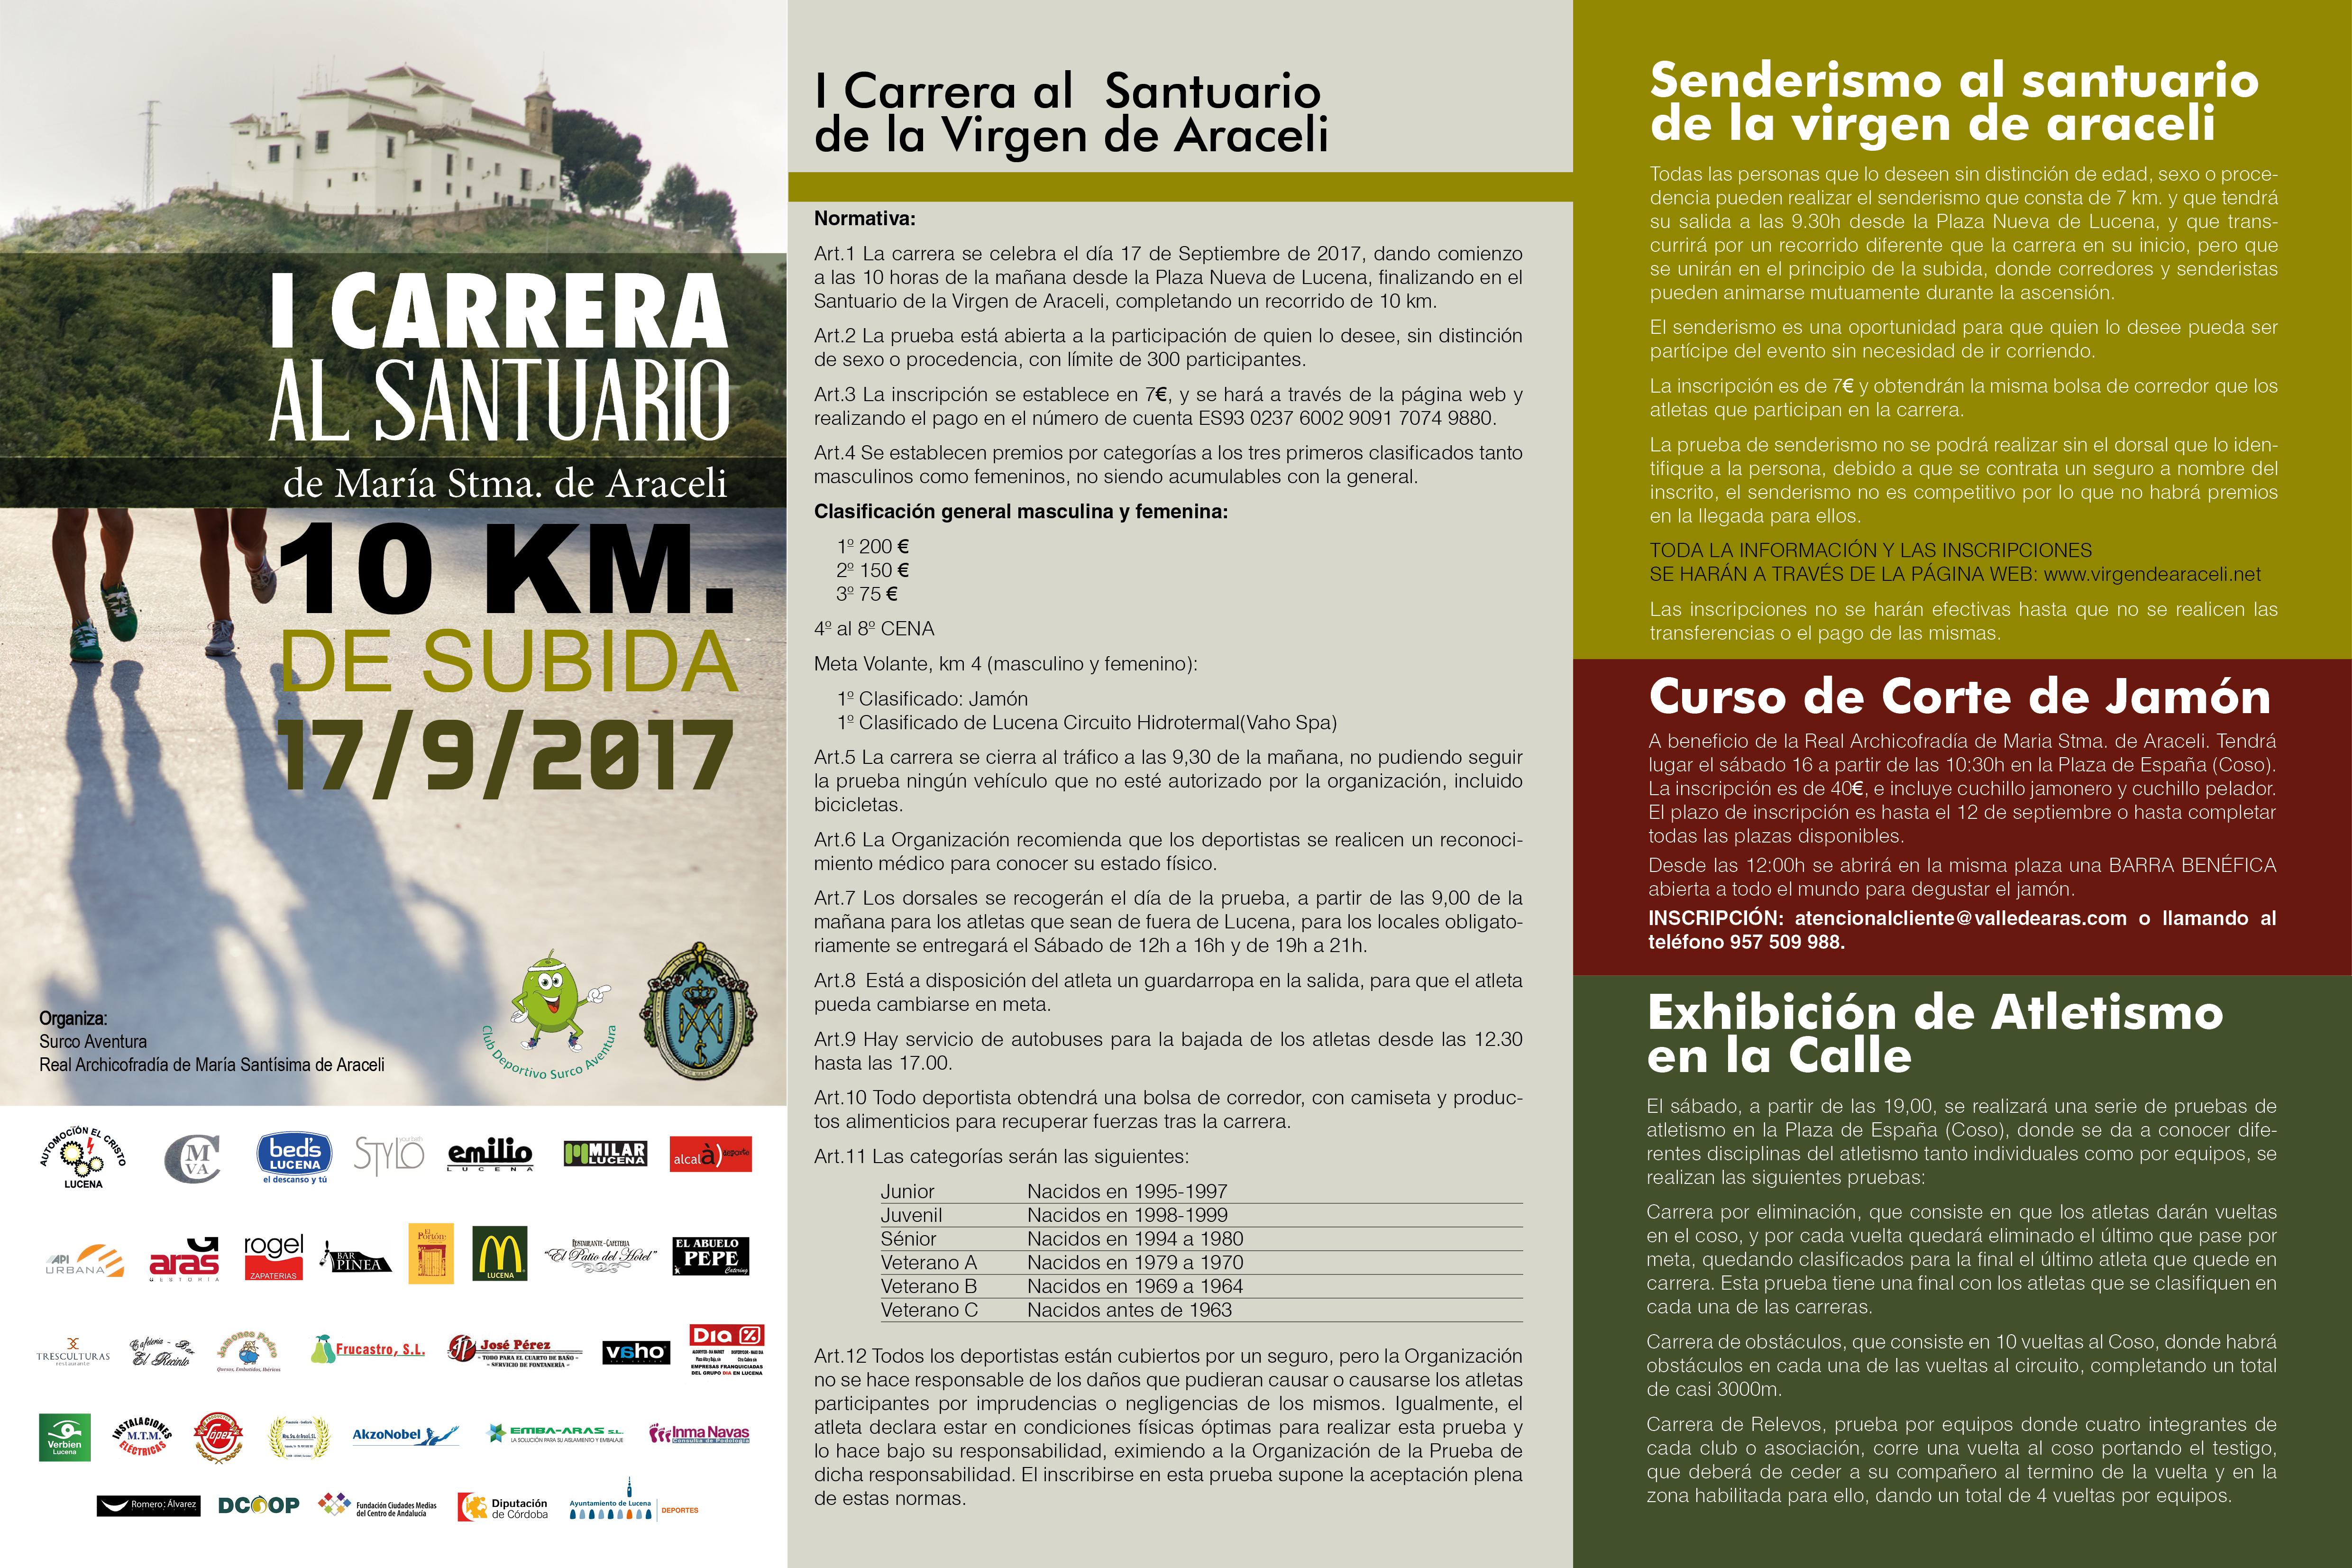 Informacion I Carrera al Santuario de la Virgen de Araceli